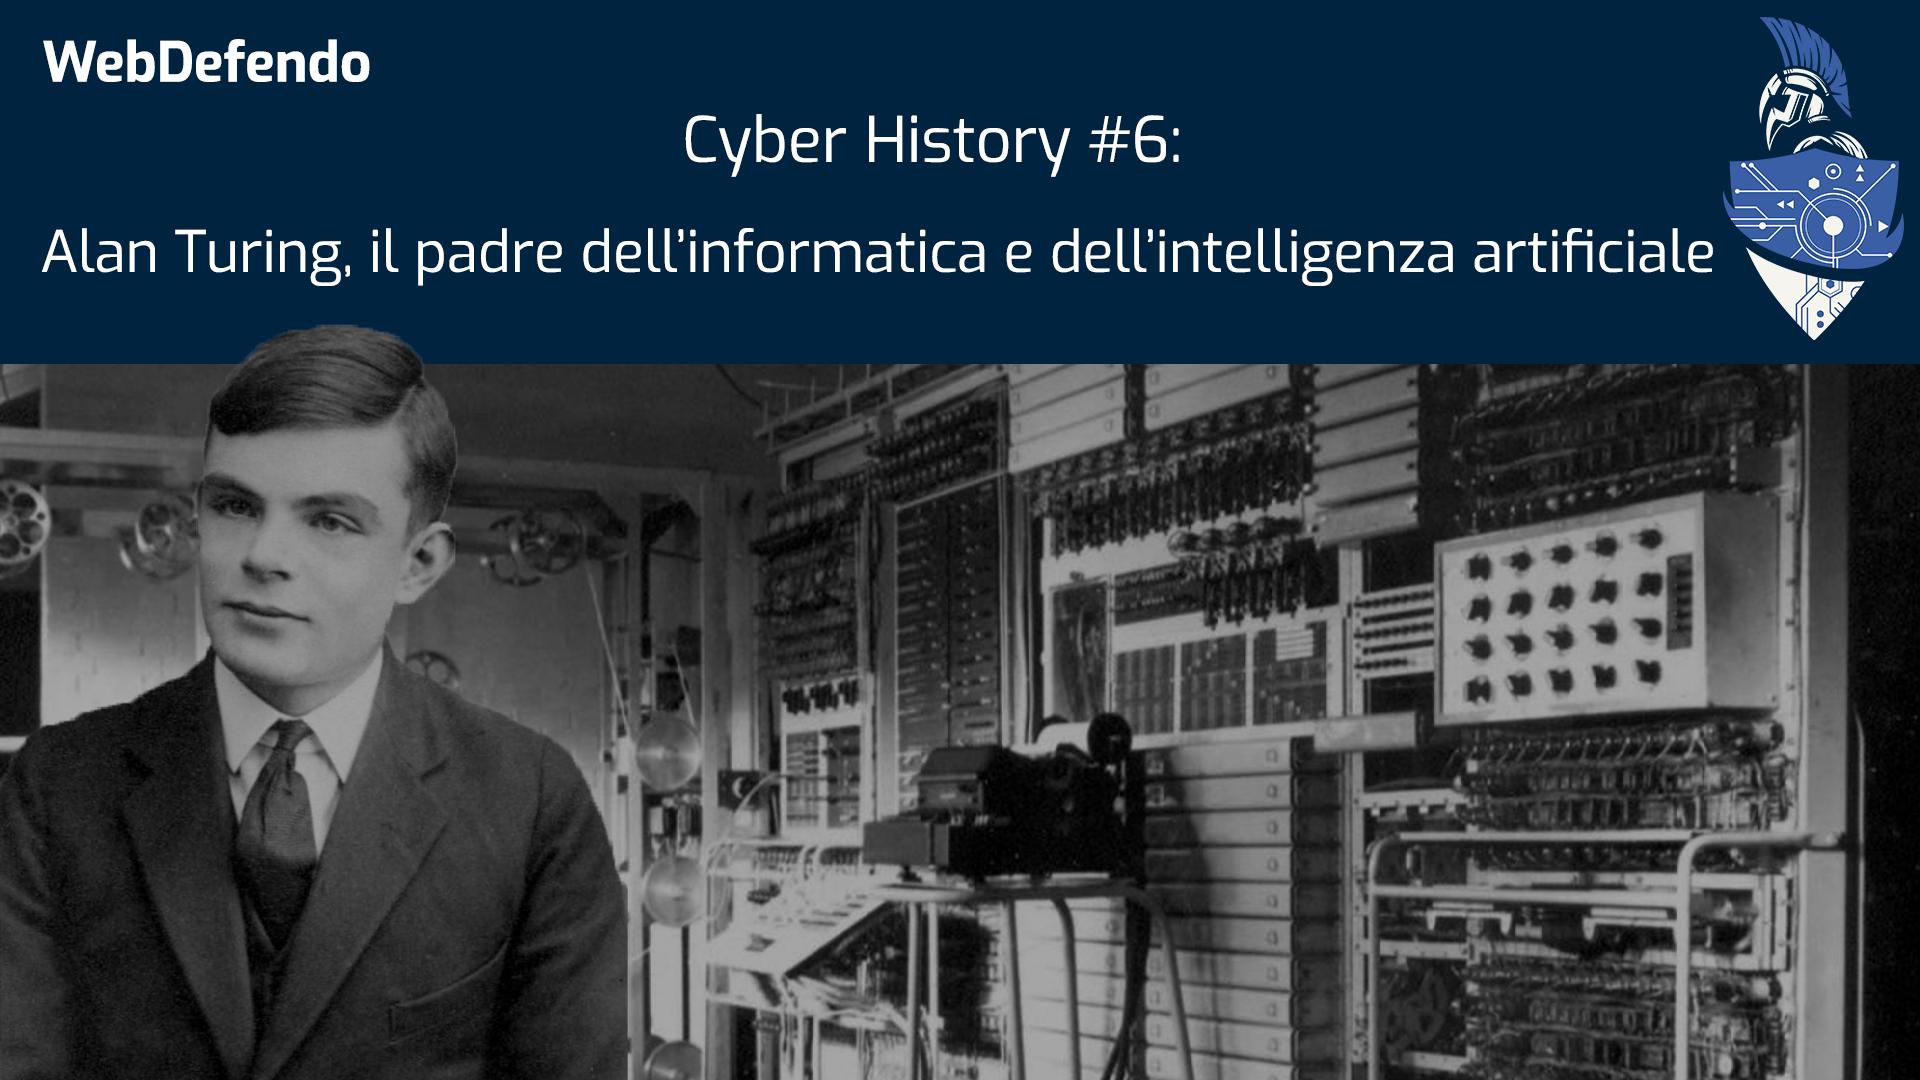 Cyber History #6: Alan Turing il padre dell'informatica